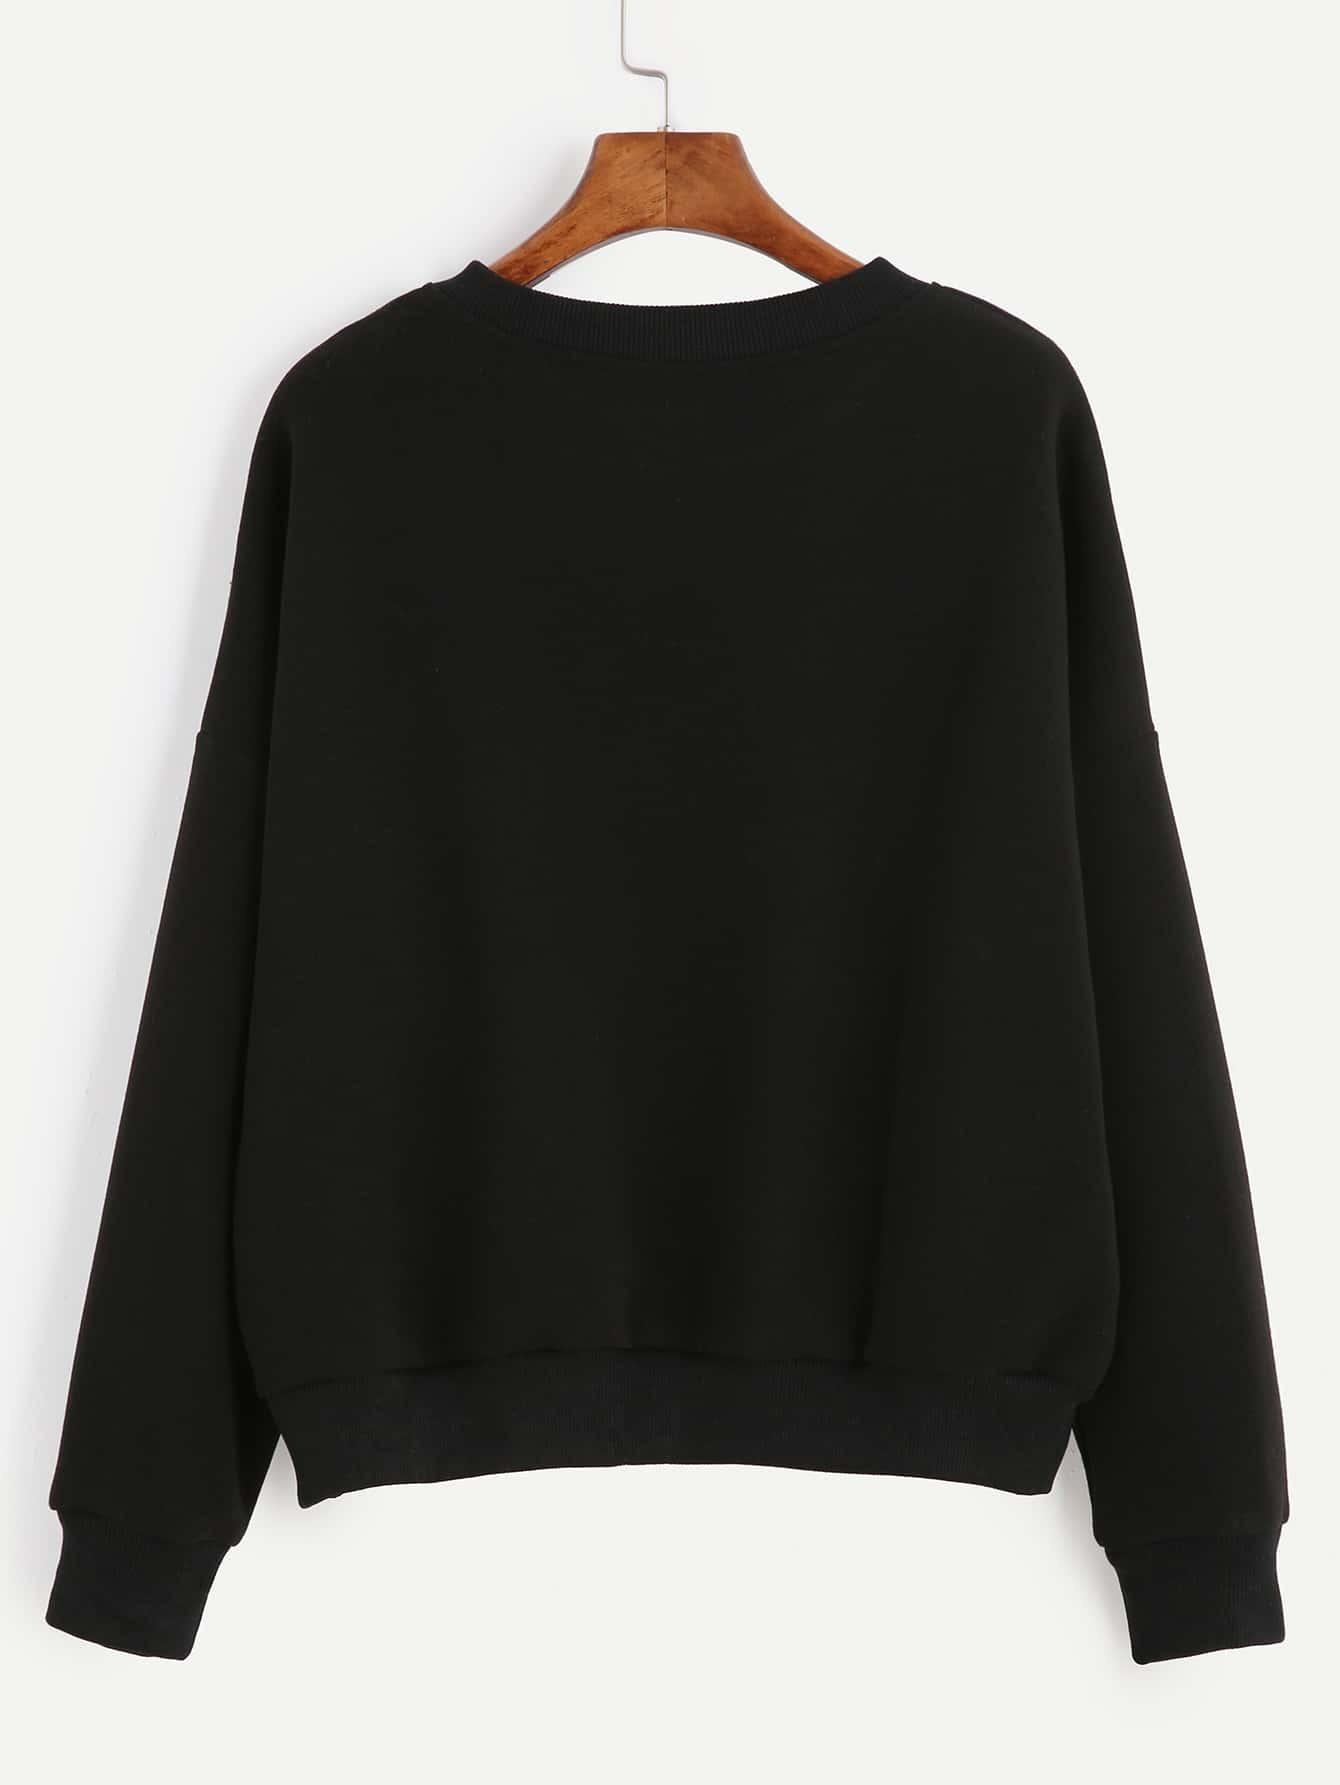 sweatshirt160825123_2